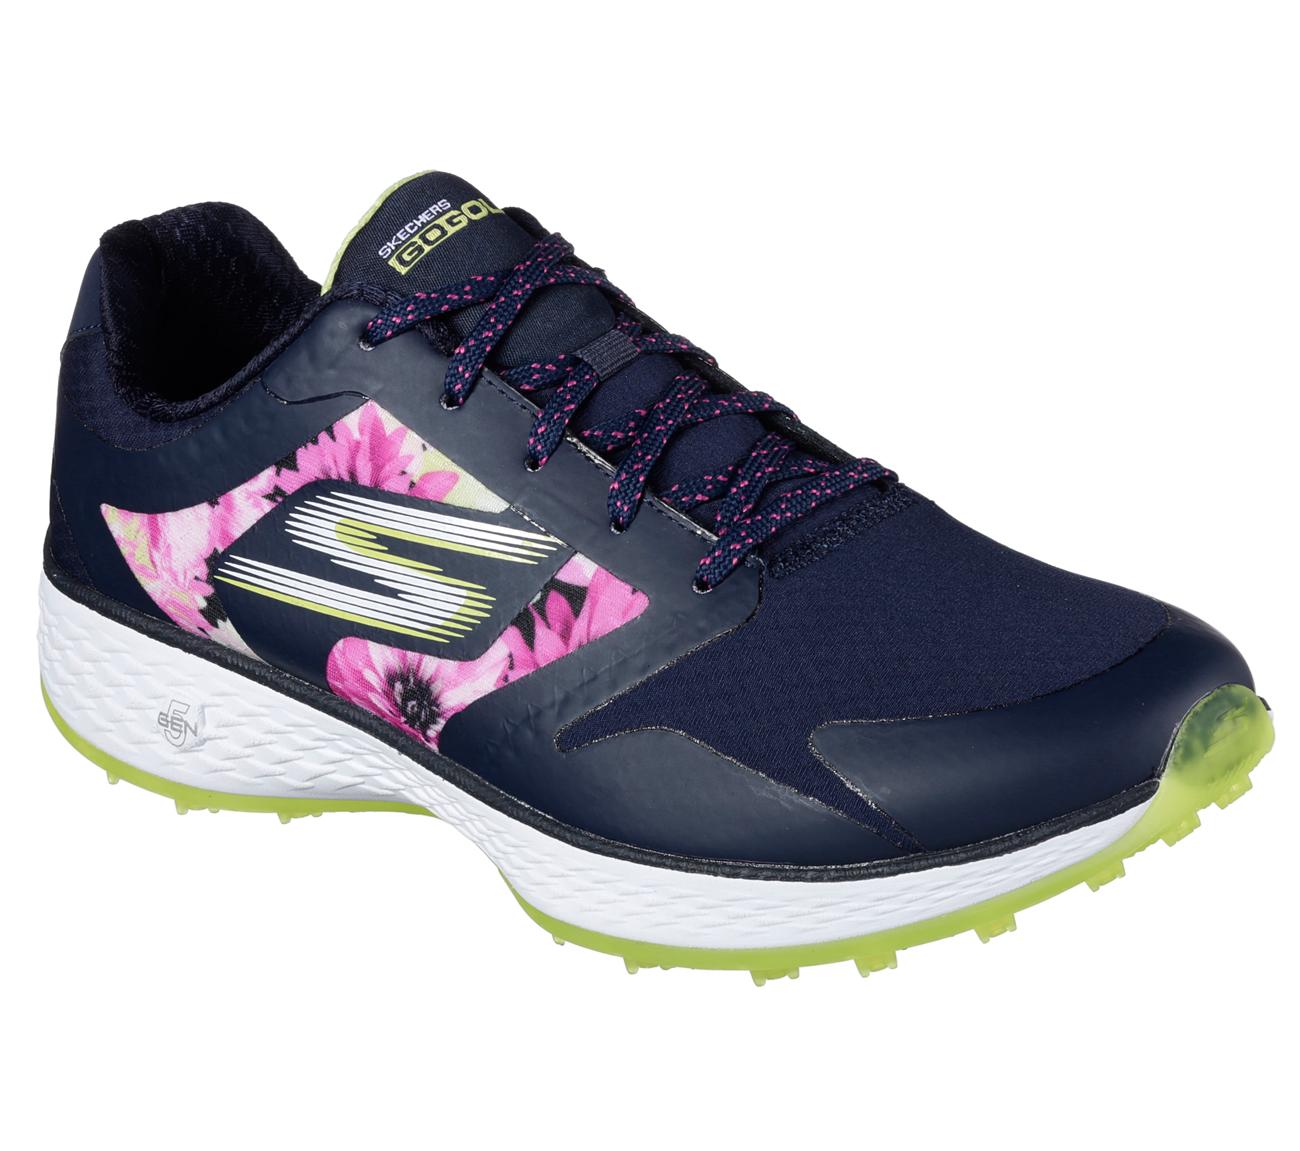 Sketchers Women's Go Golf Birdie Tropic Golf Shoe - Navy